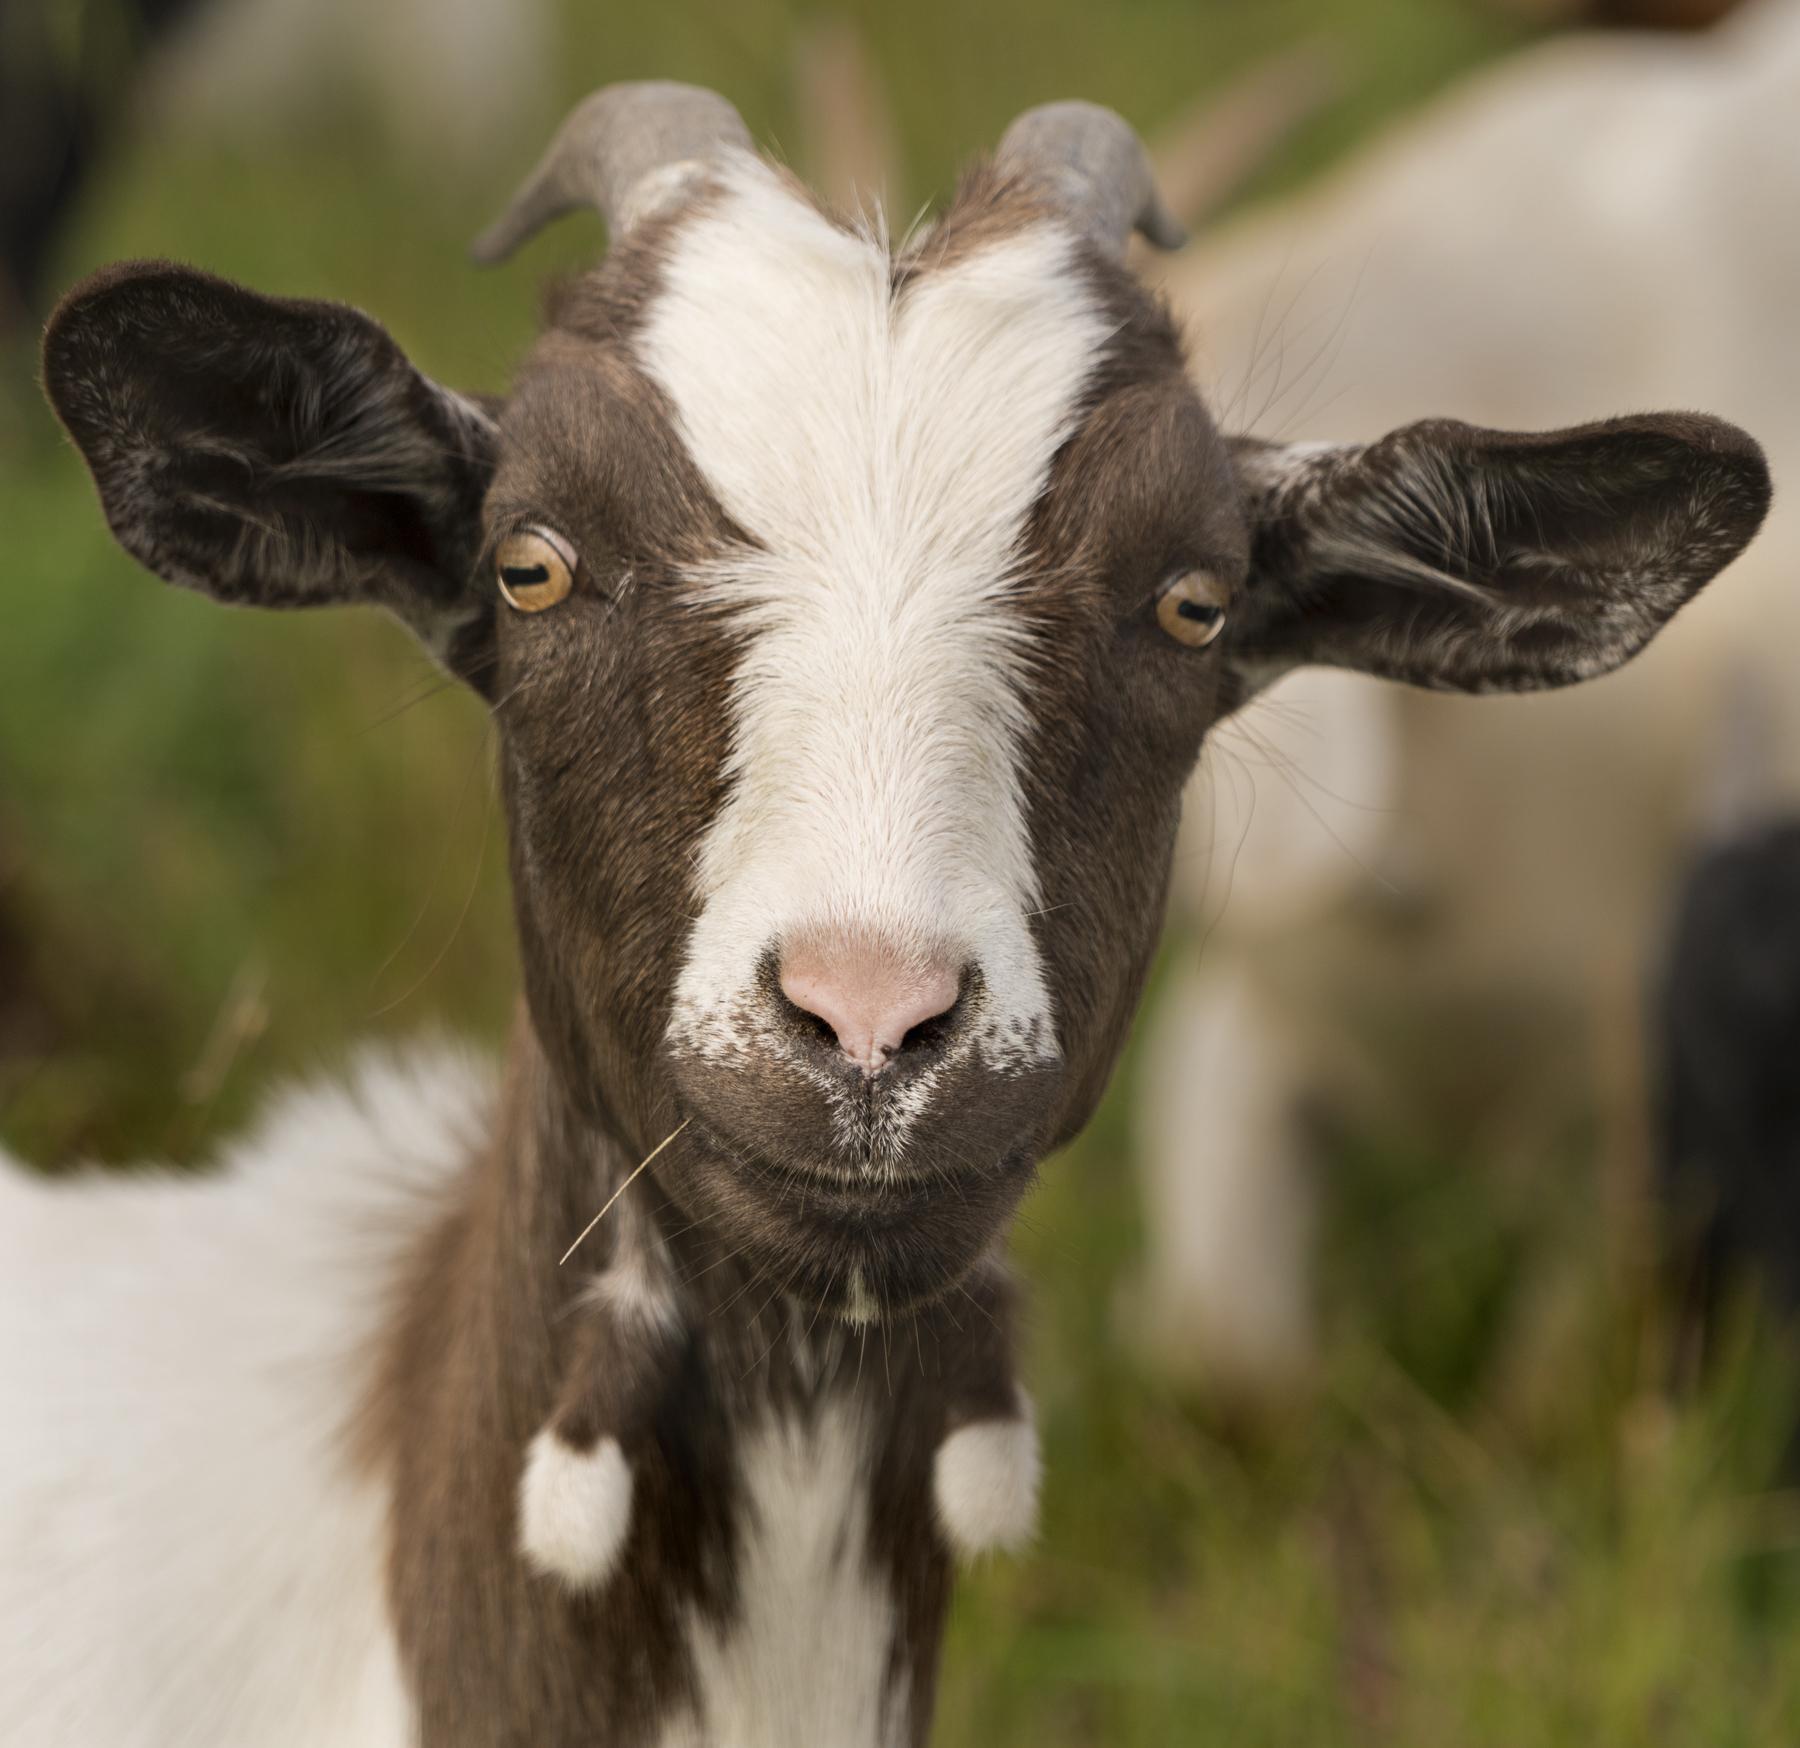 Goat_160817.jpg